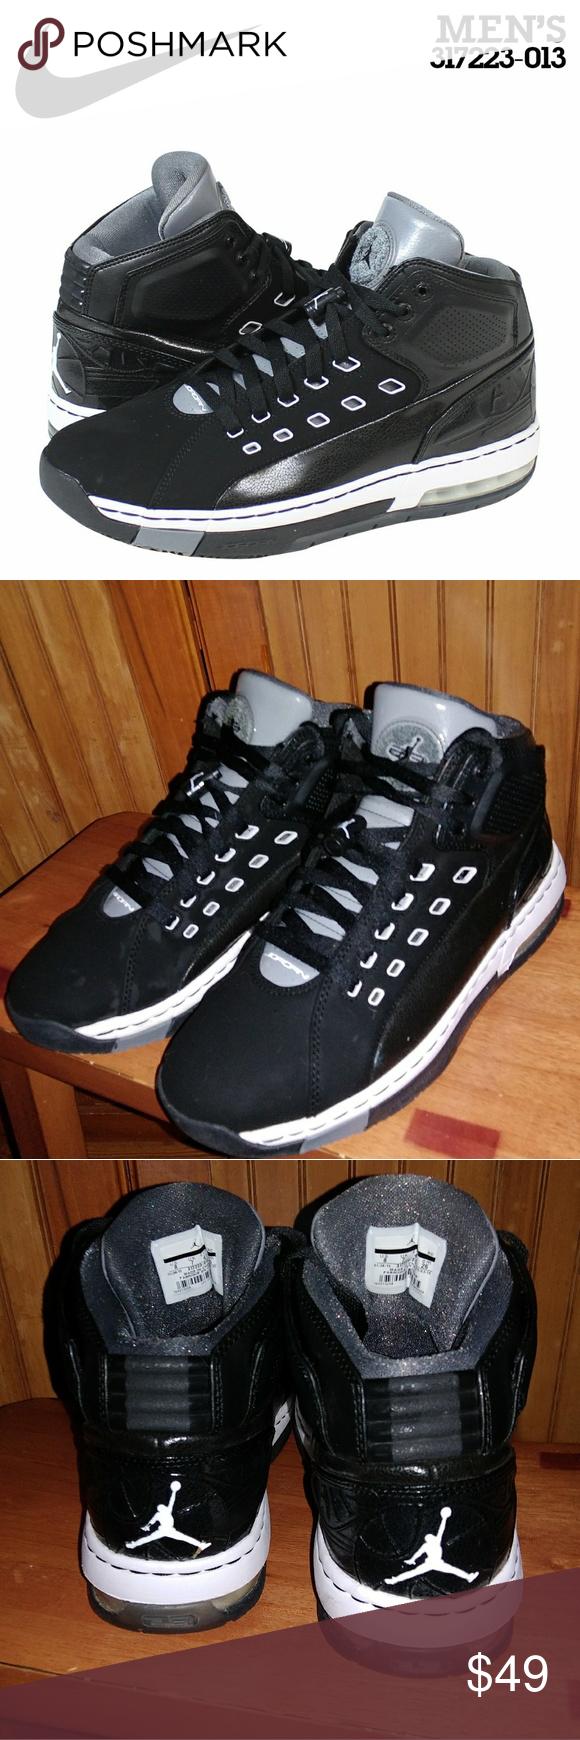 best website d3759 49c5b Air Jordan OL School NIKE JORDAN OL  SCHOOL BASKETBALL SHOES BLACK WHITE  COOL GREY 317223 013 MINIMAL WEAR Air Jordan Shoes Sneakers